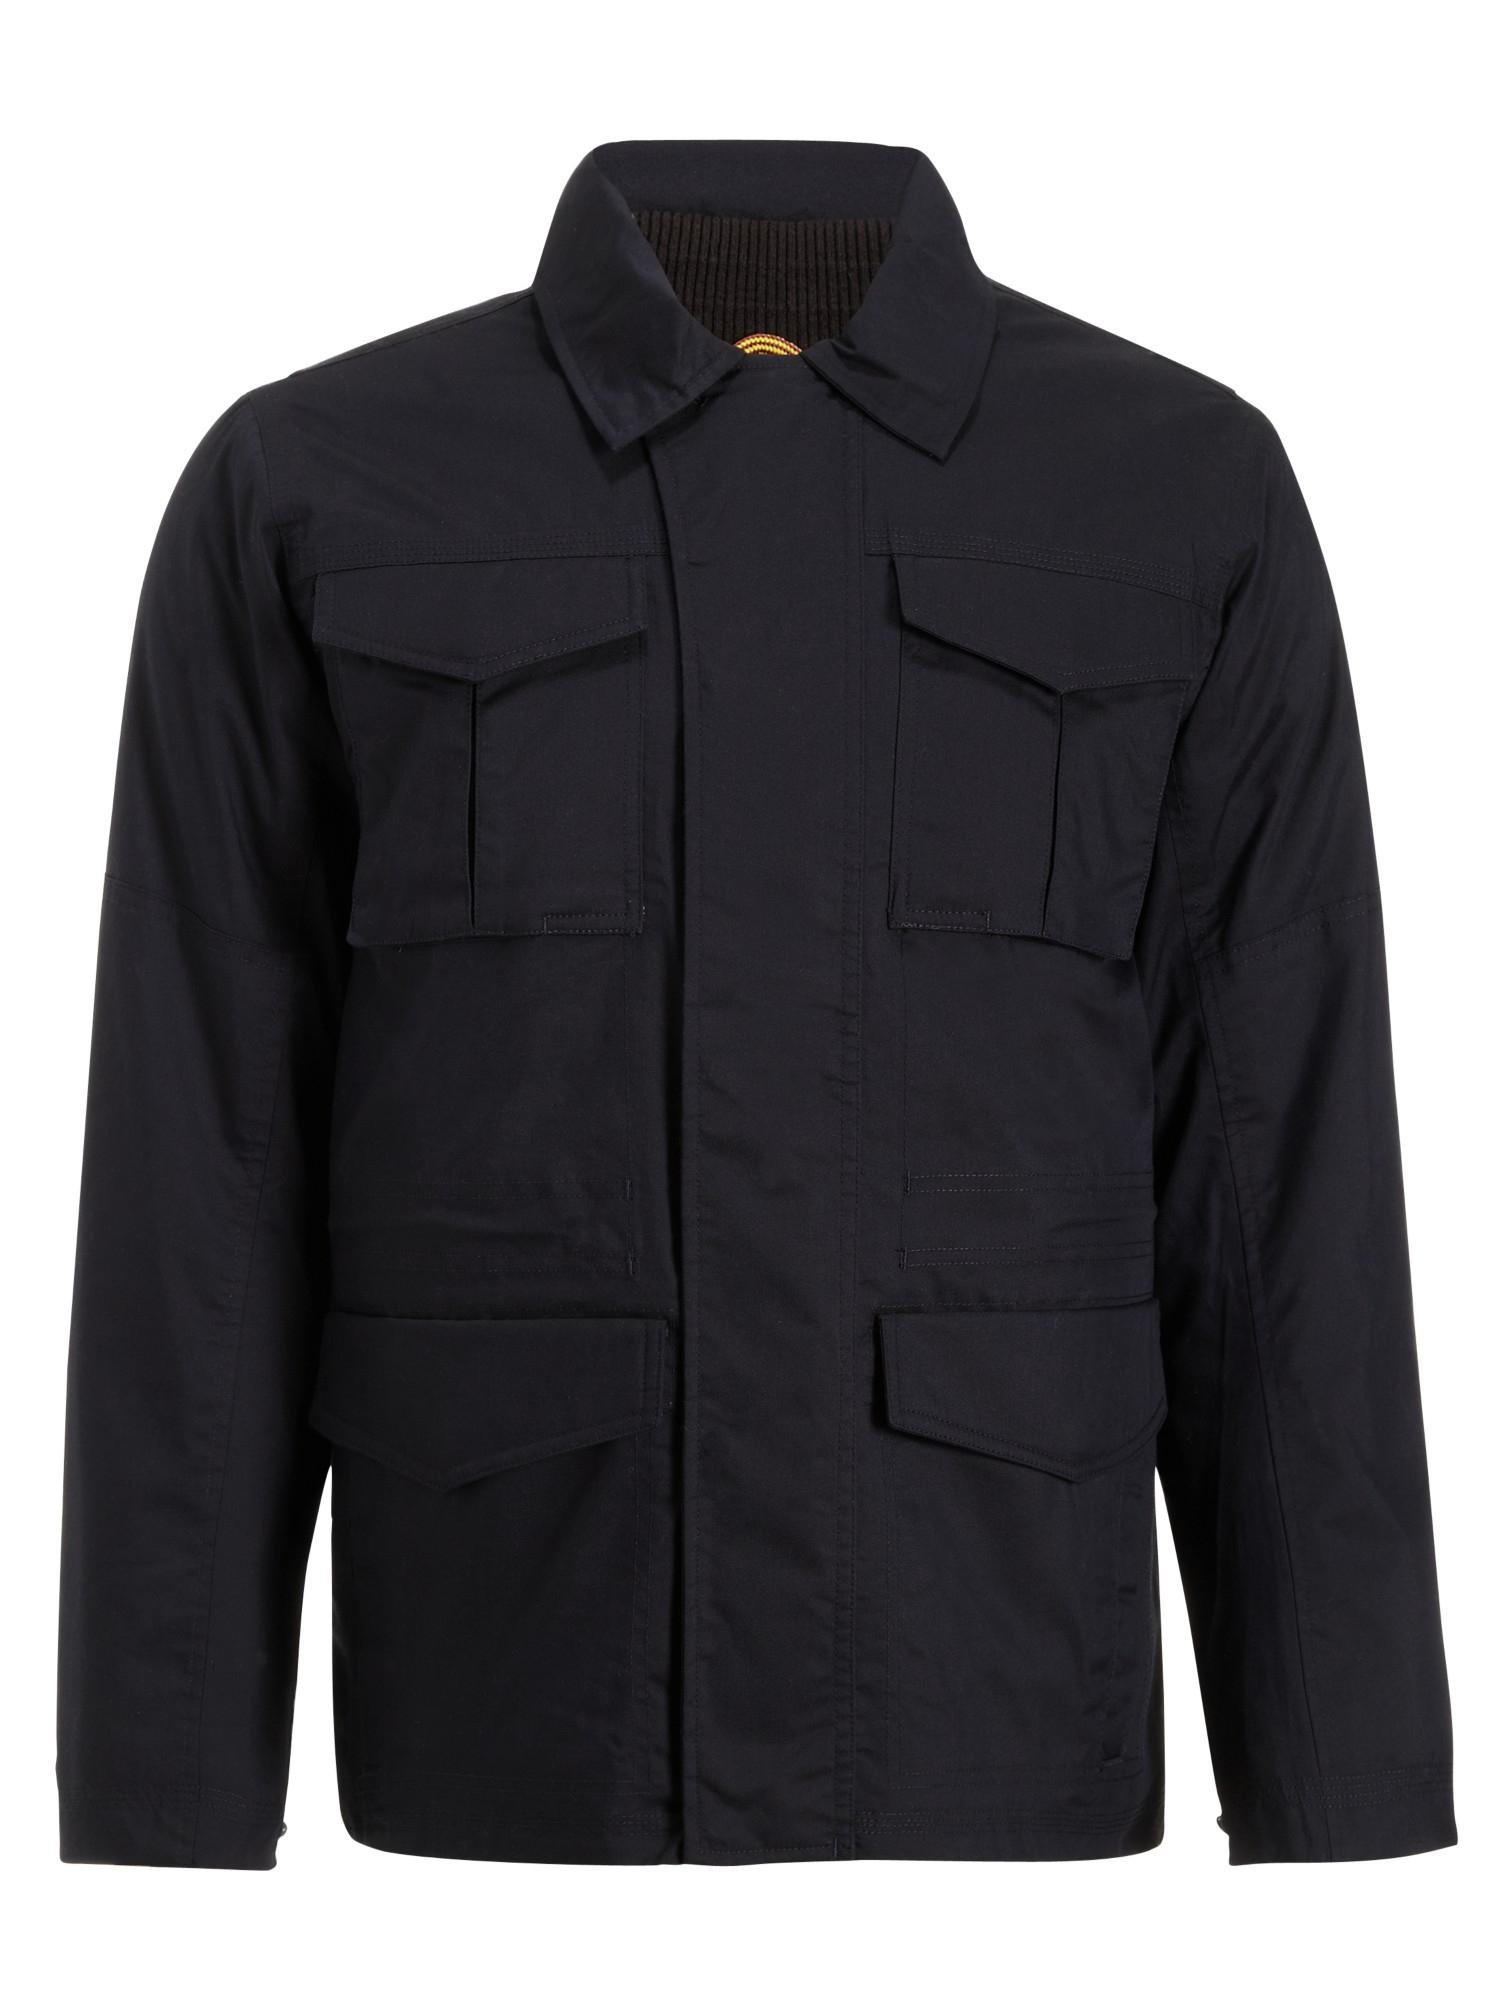 Timberland Abington 3in1 Waterproof Field Jacket In Blue